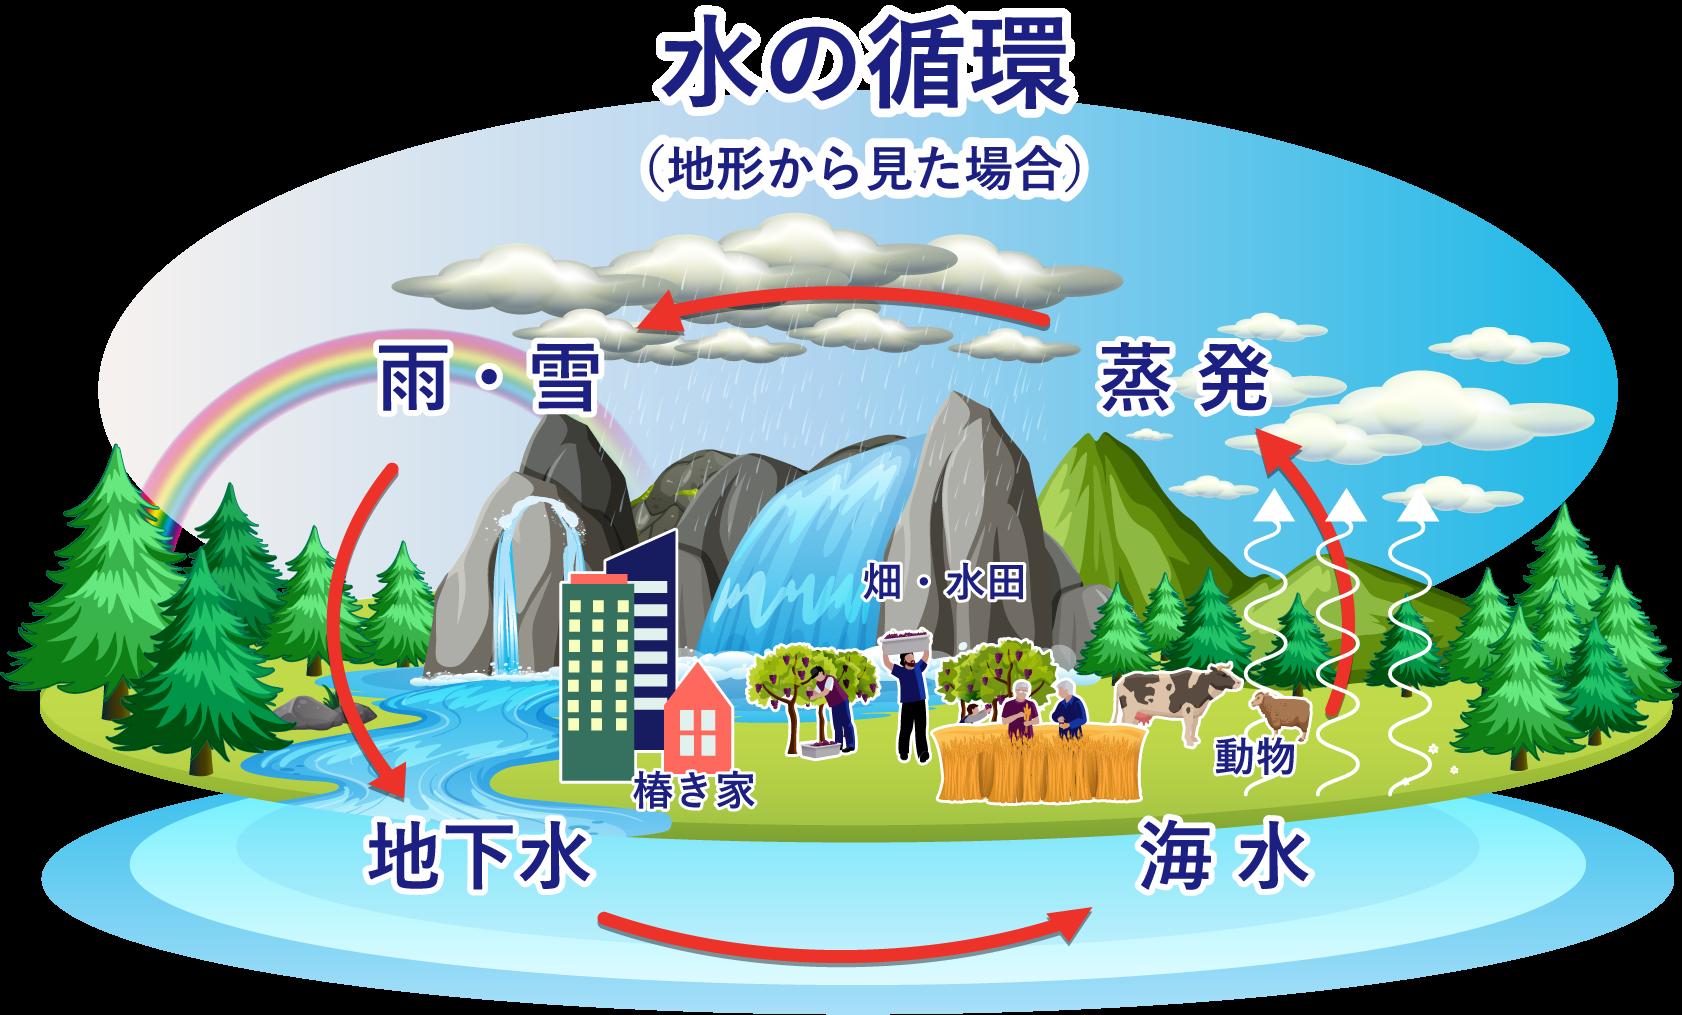 水の循環(地形から見た場合)